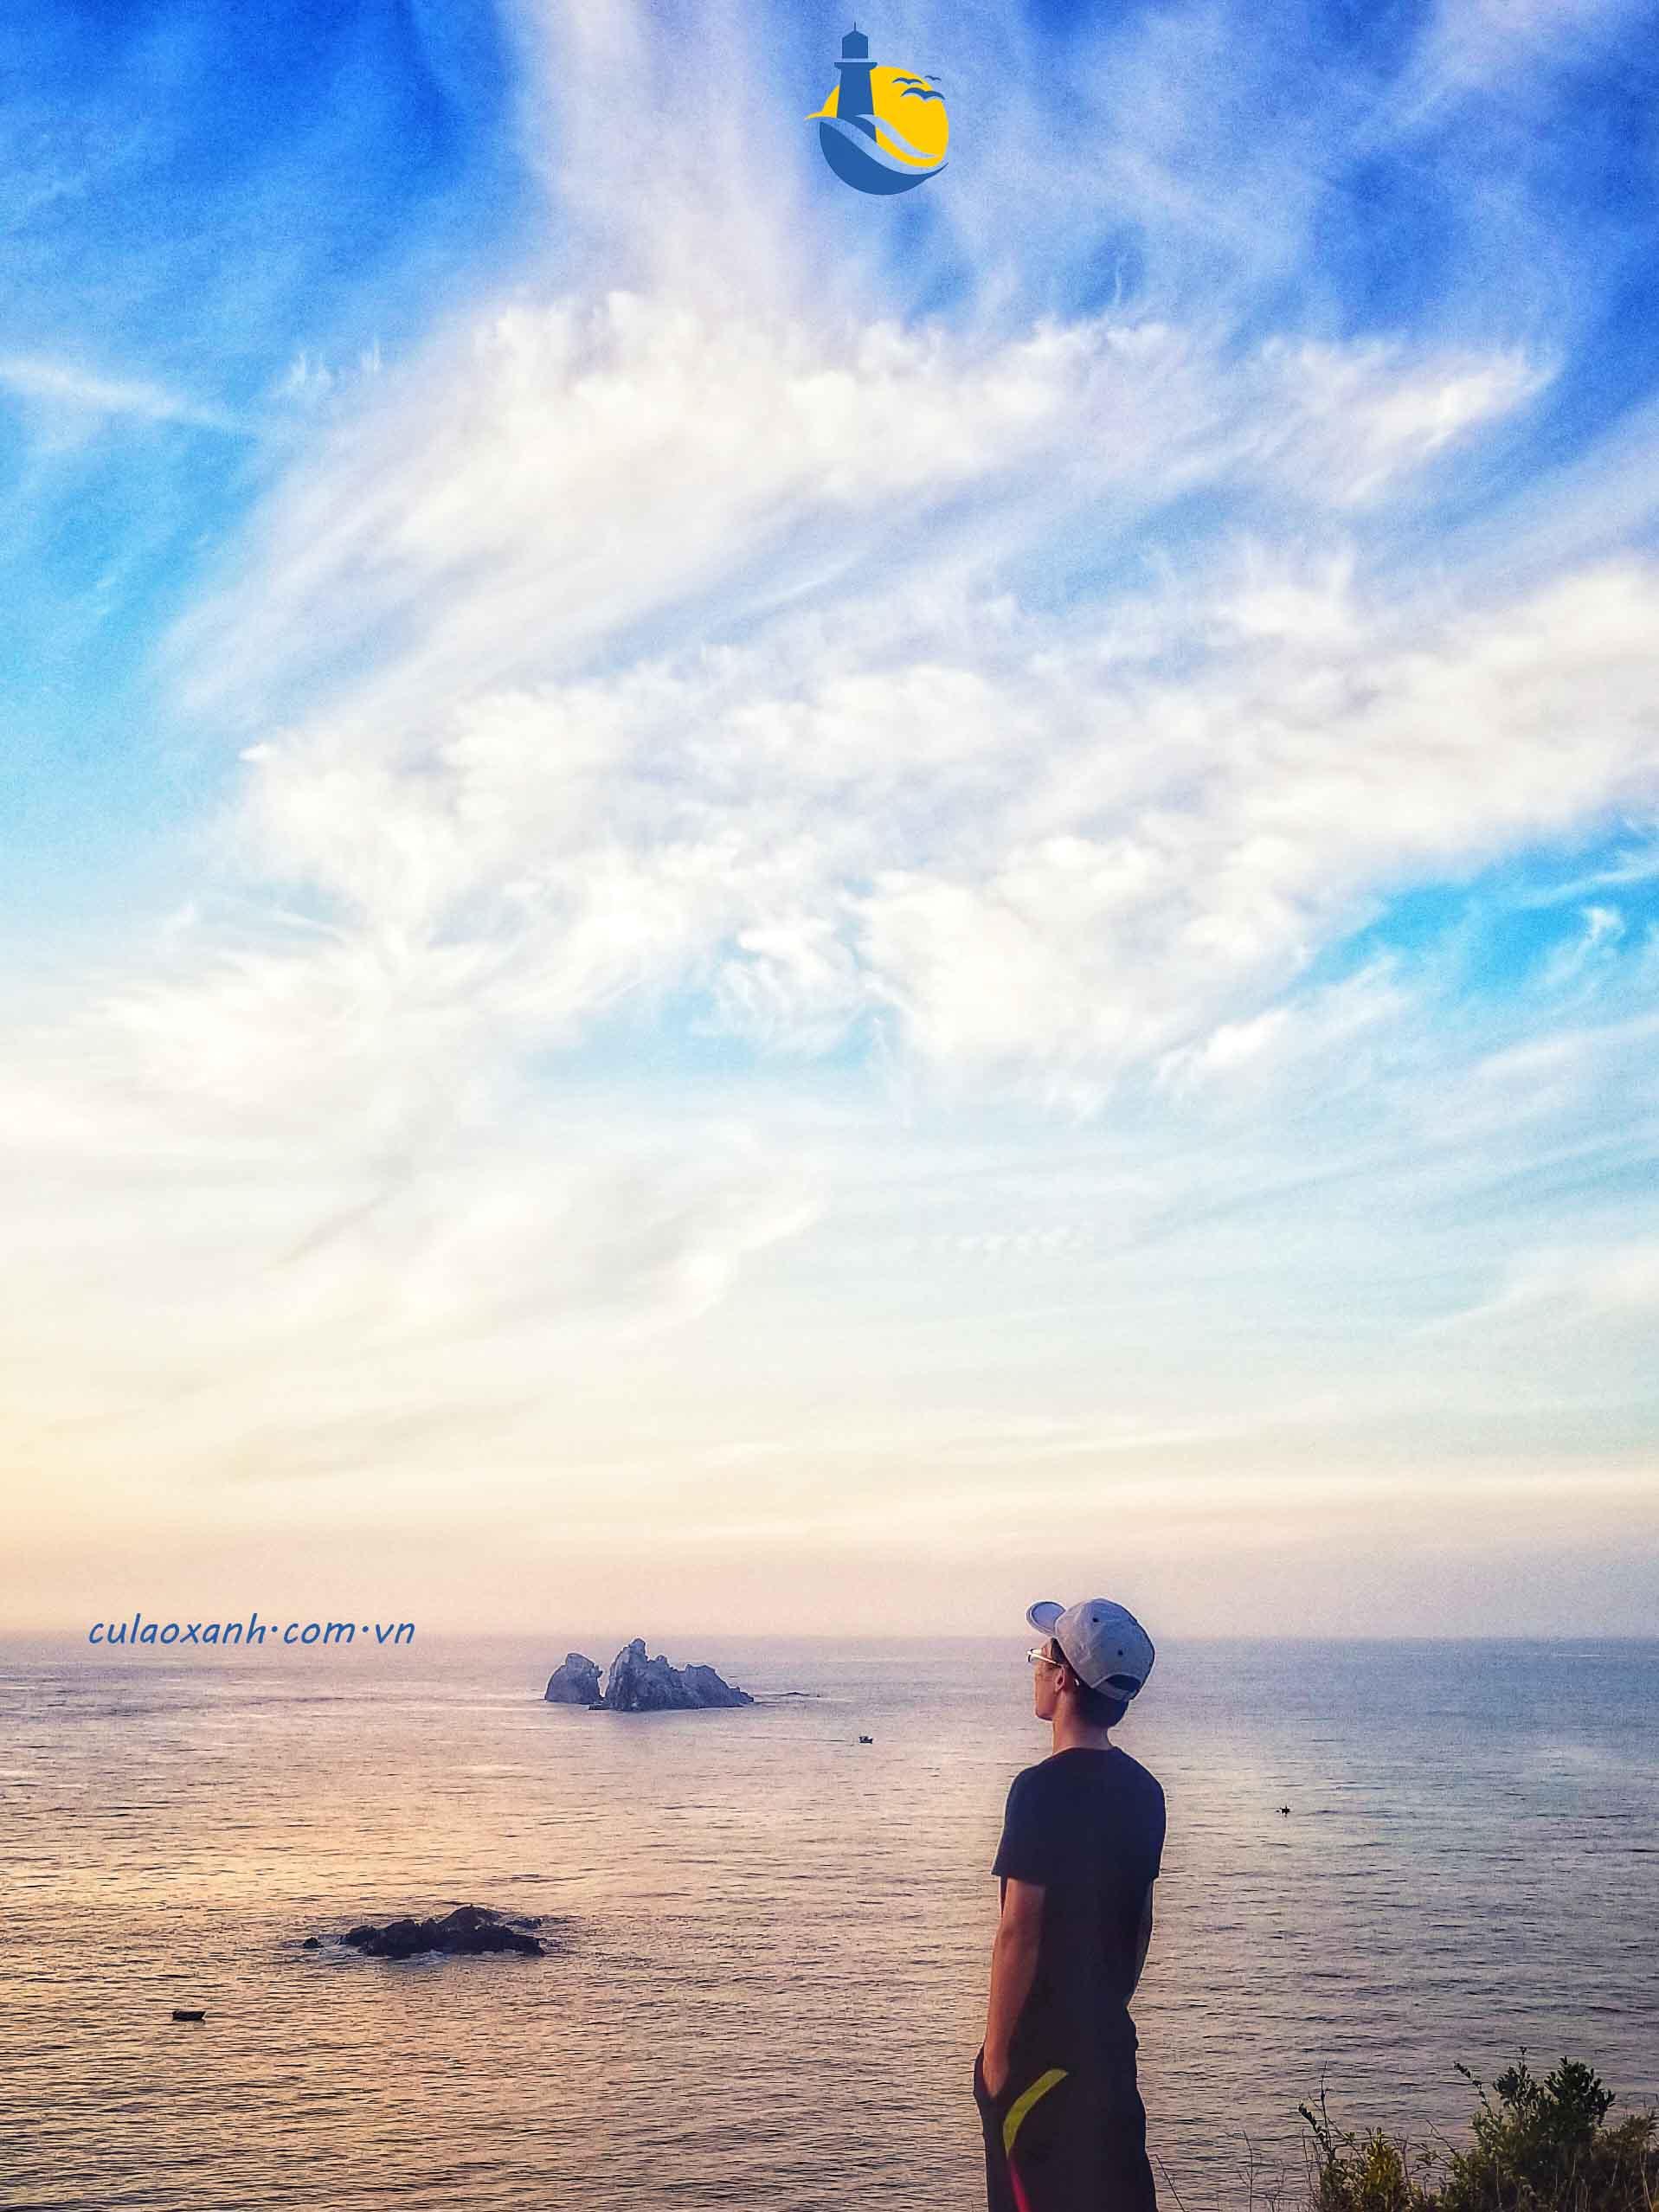 Khám phá vẻ đjep của đá trên đảo Cù Lao Xanh